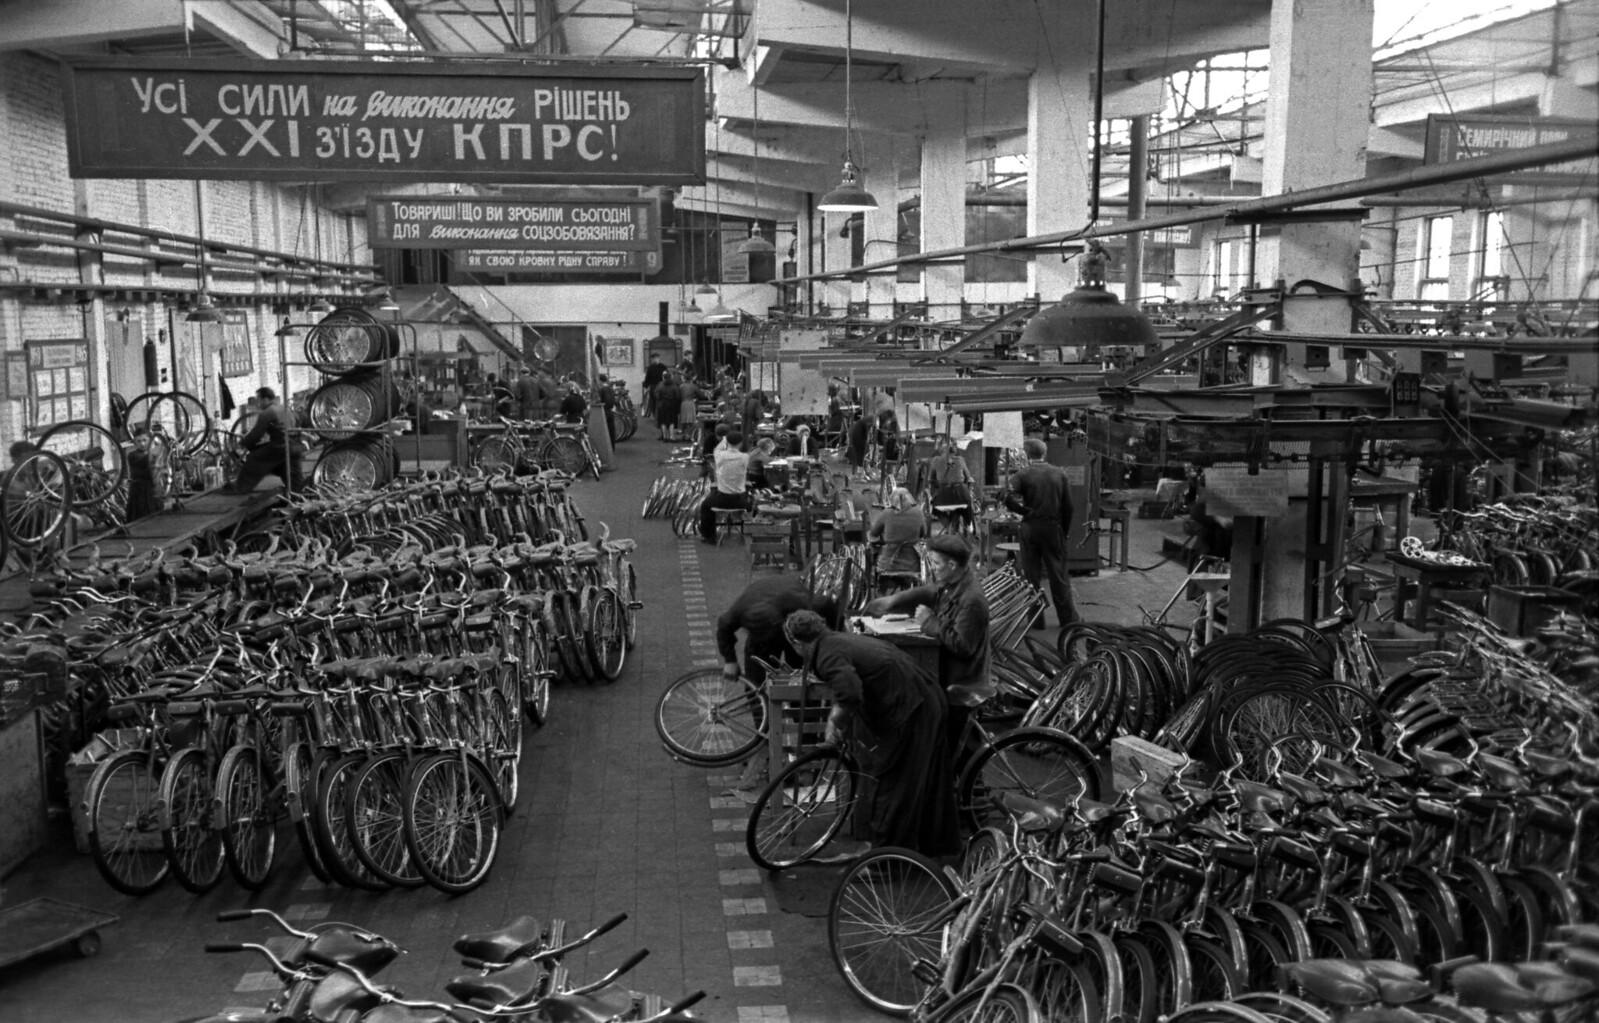 1959. Велосипеды к XXI съезду КПСС, Львов